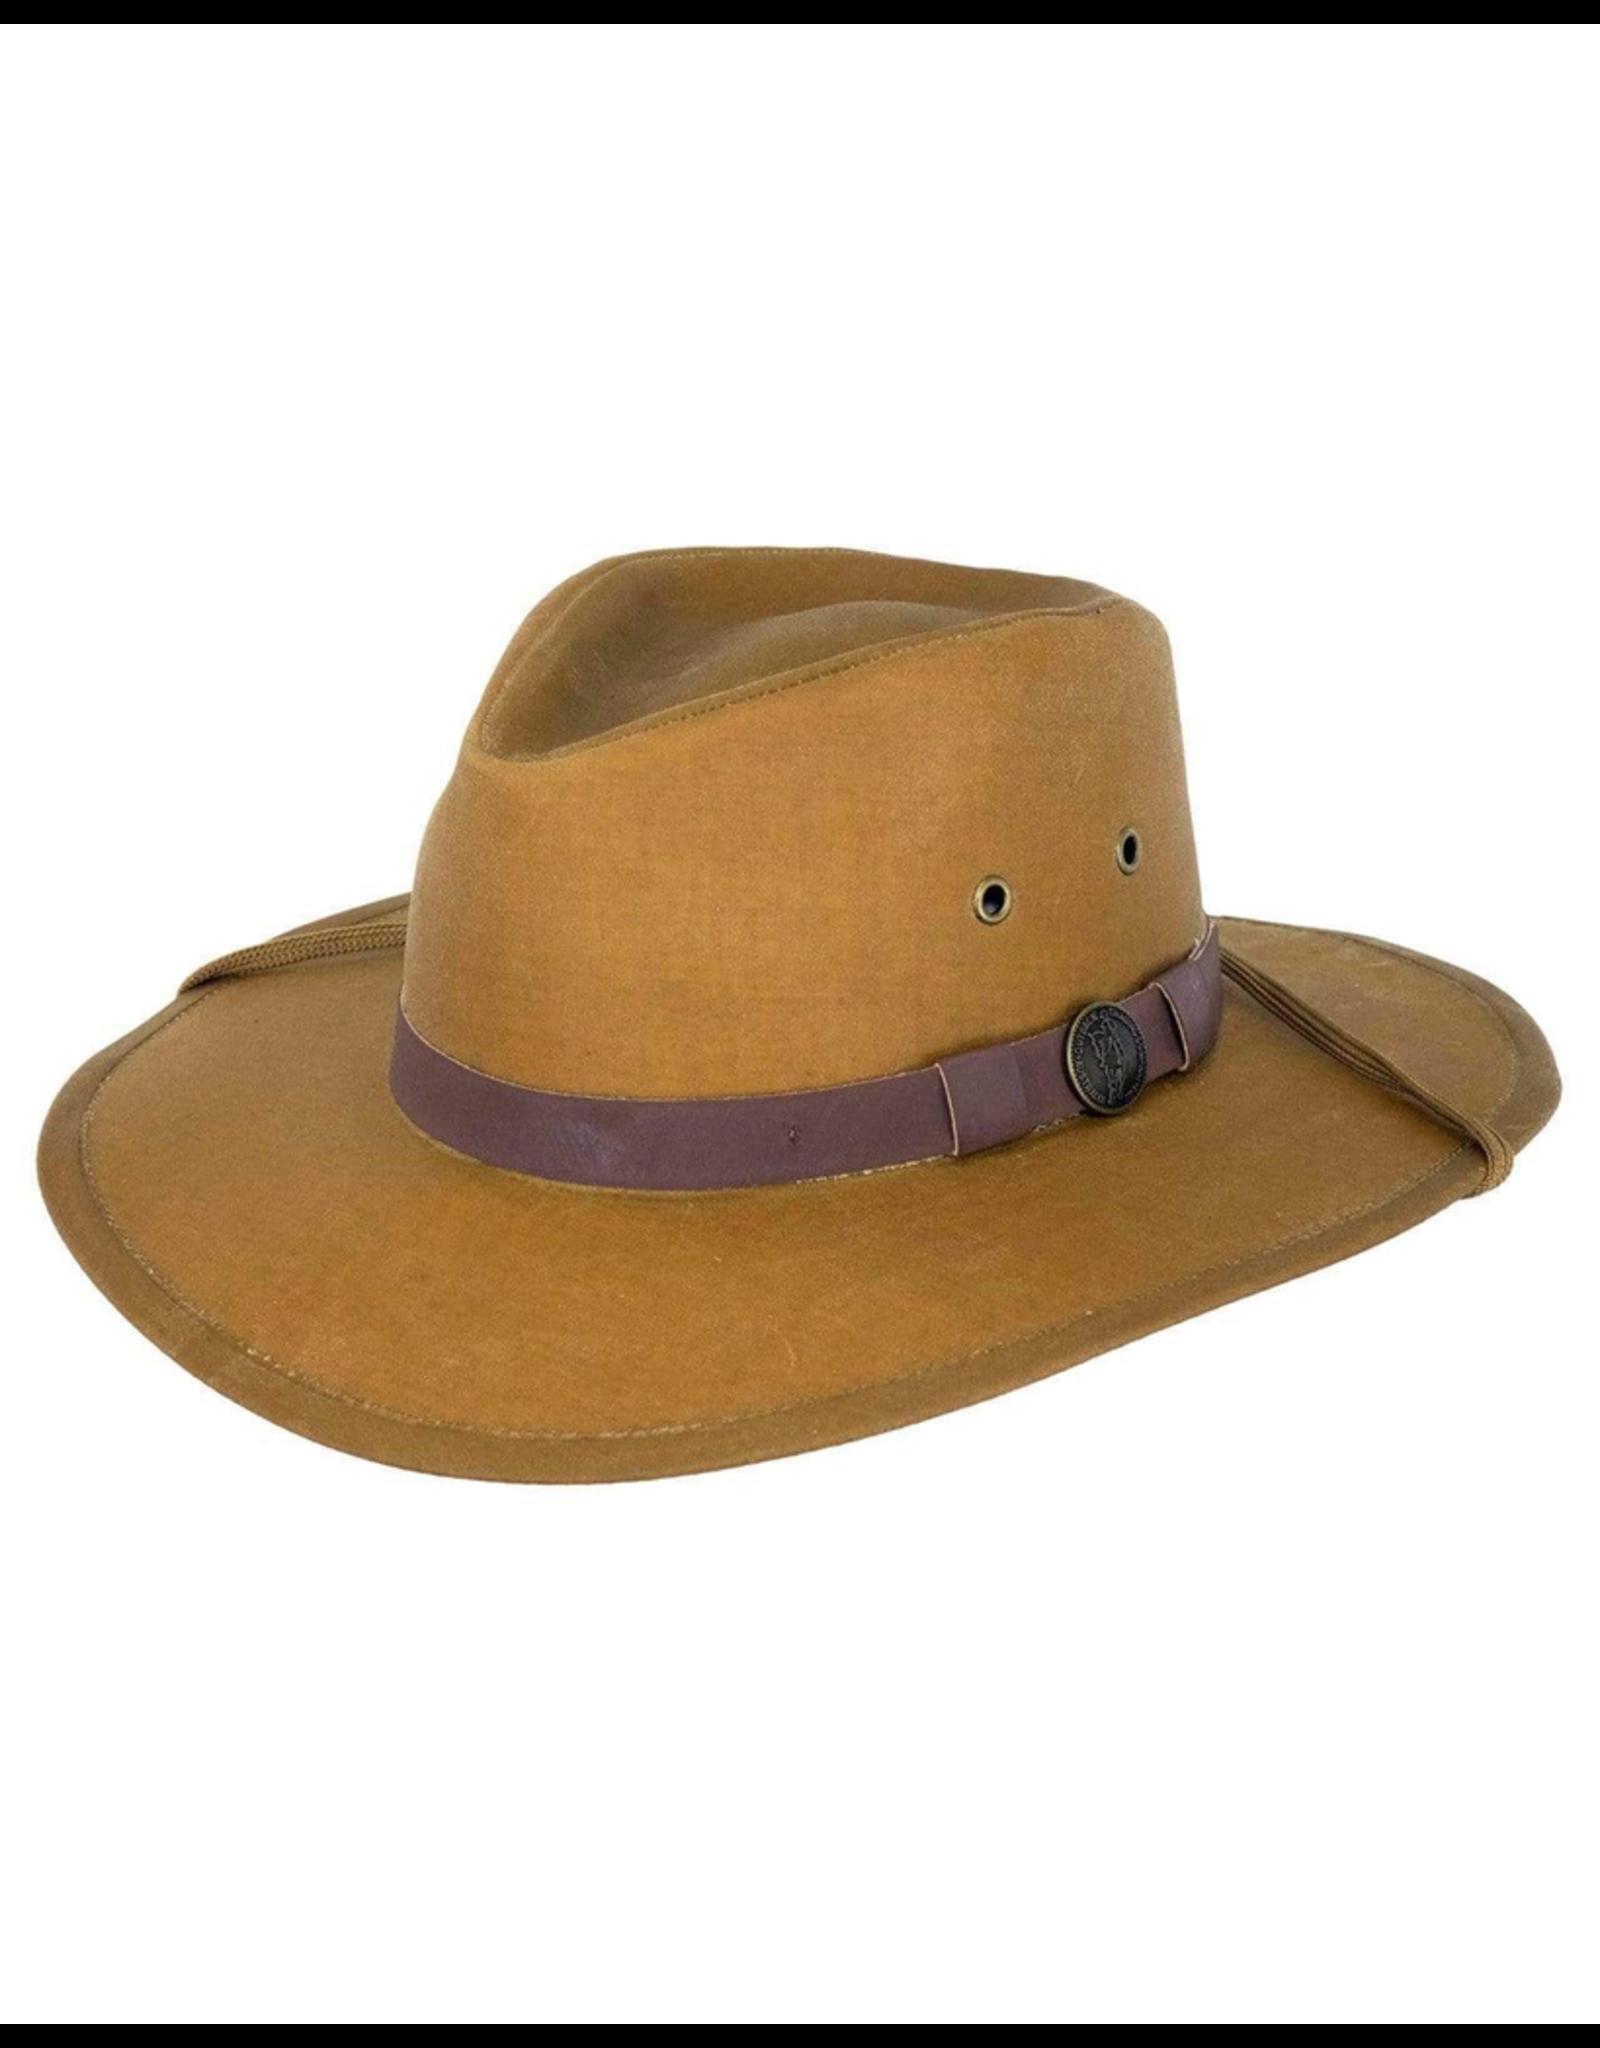 Hats OUTBACK Kodiak No.1480